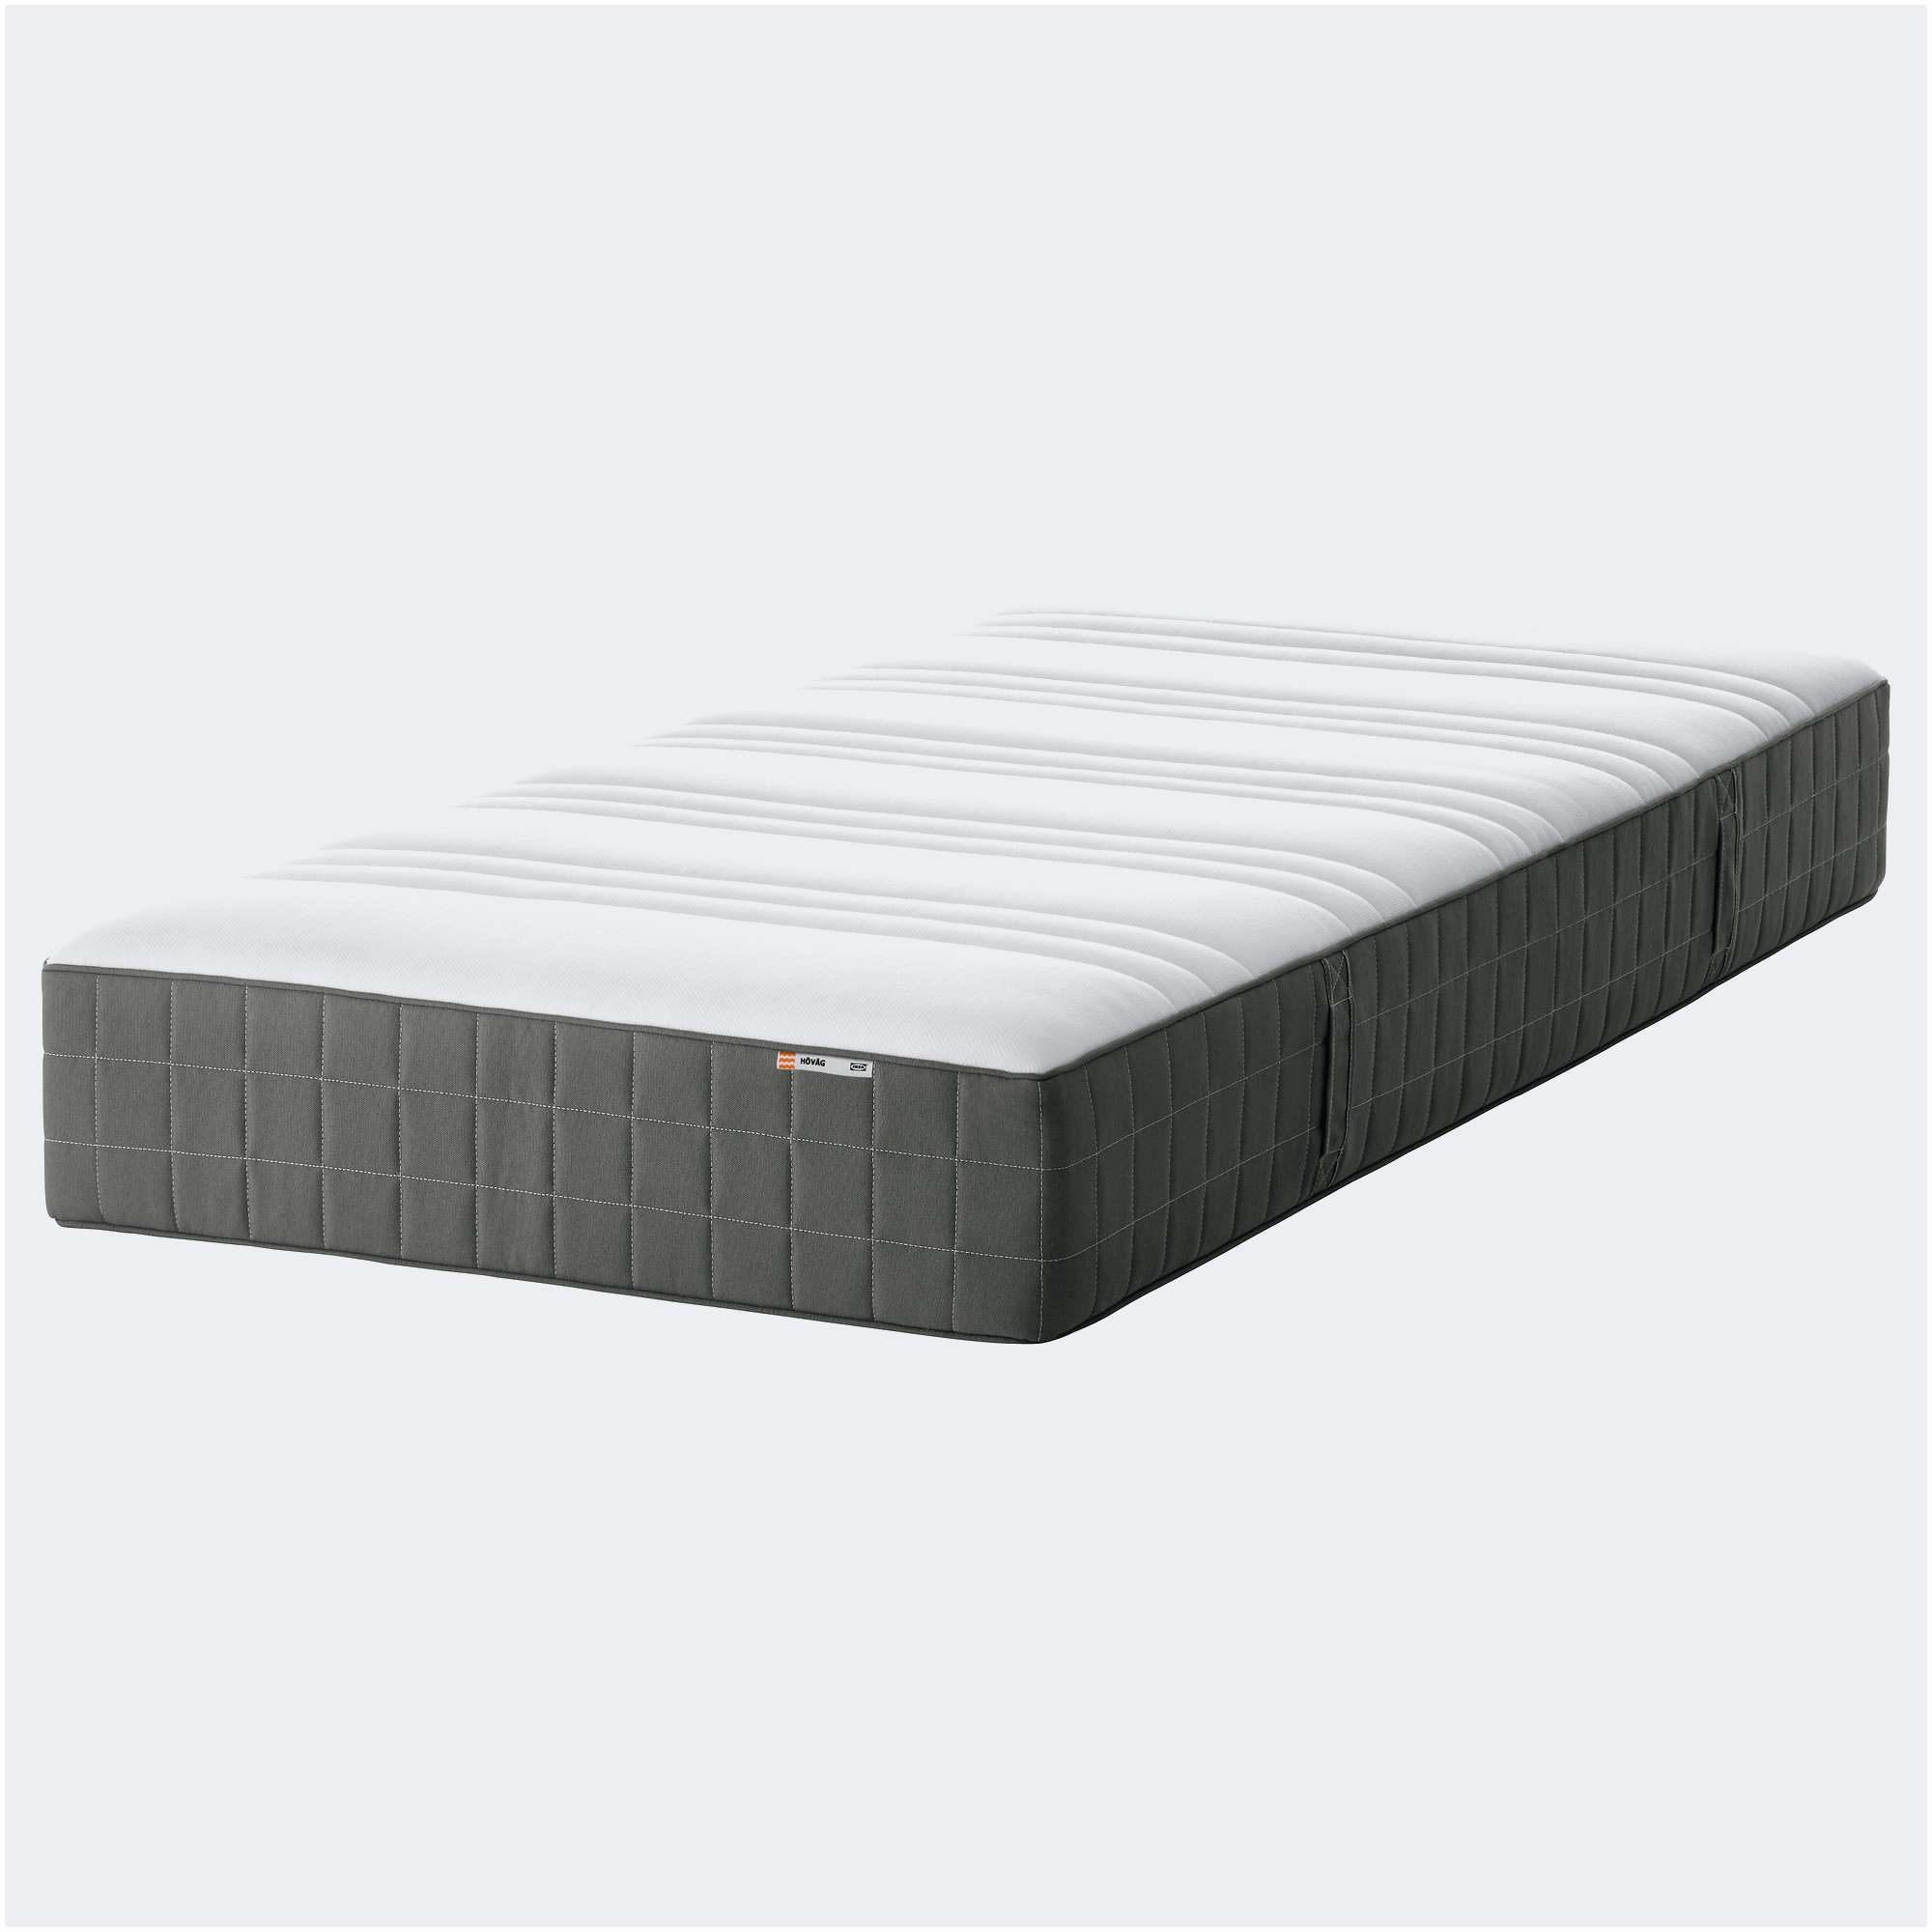 Lit Mezzanine 90×200 Impressionnant Le Meilleur De Kura Reversible Bed White Pine 90 X 200 Cm Ikea Pour